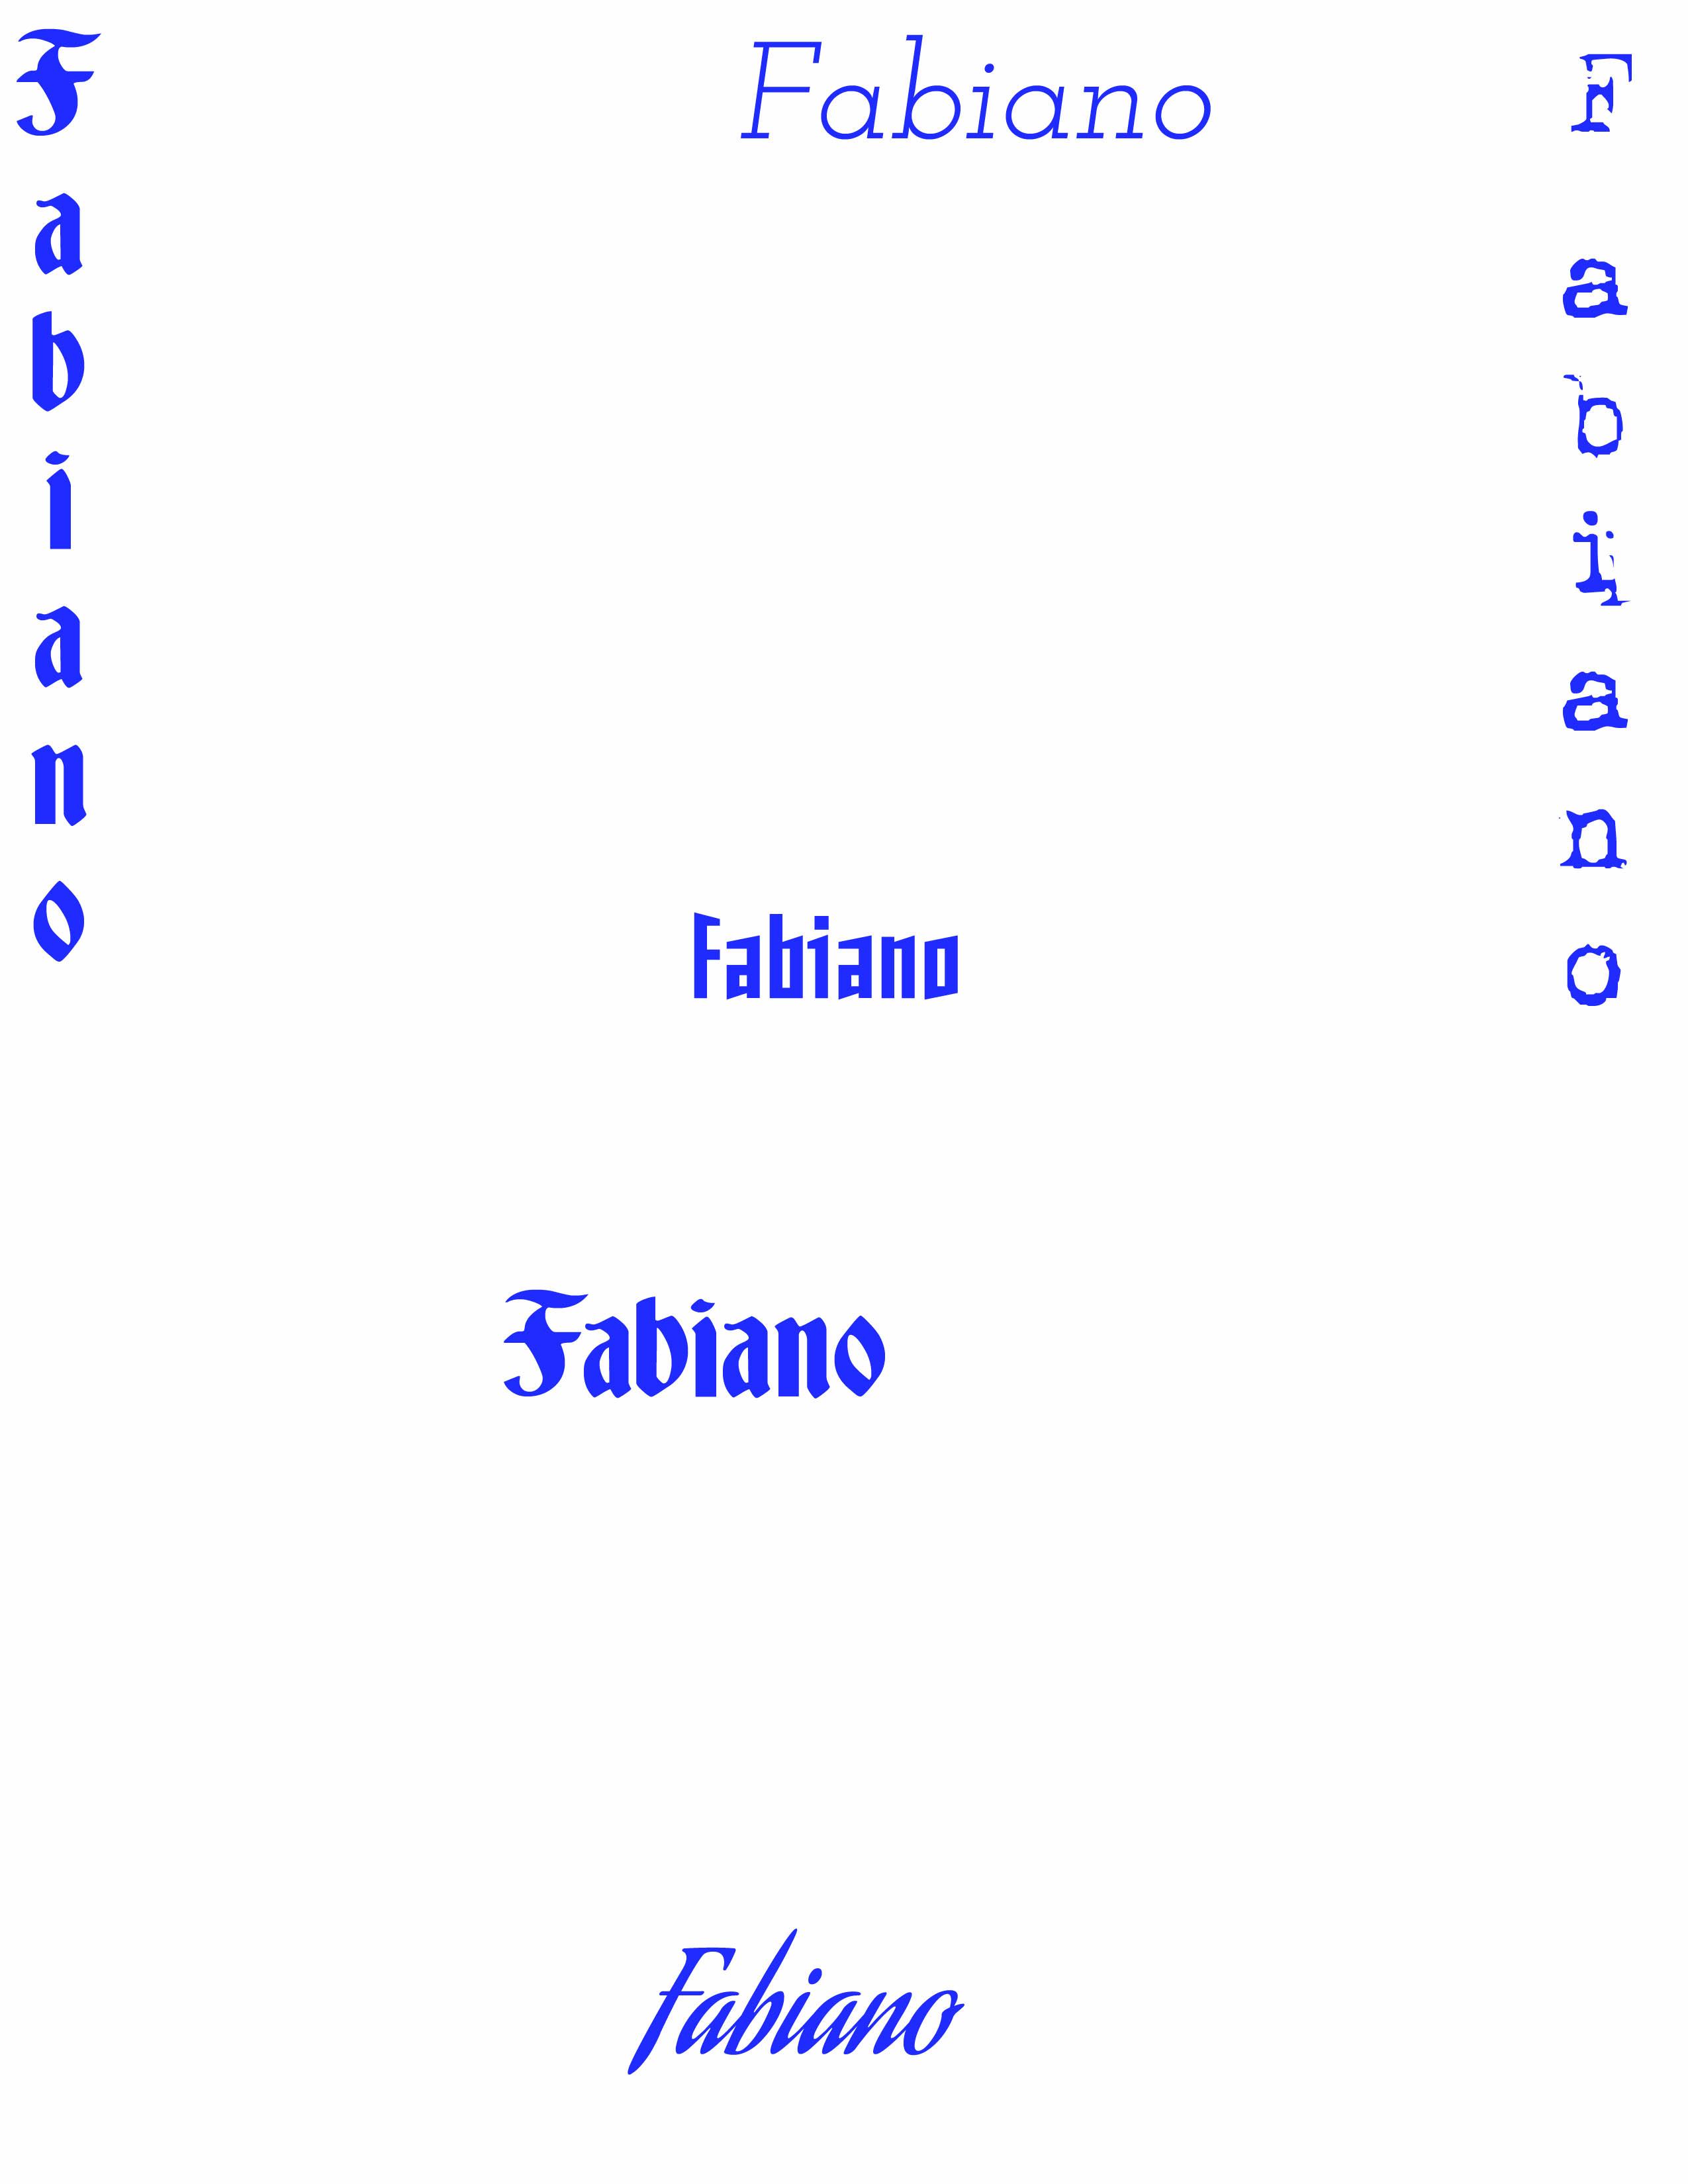 fabiano_name